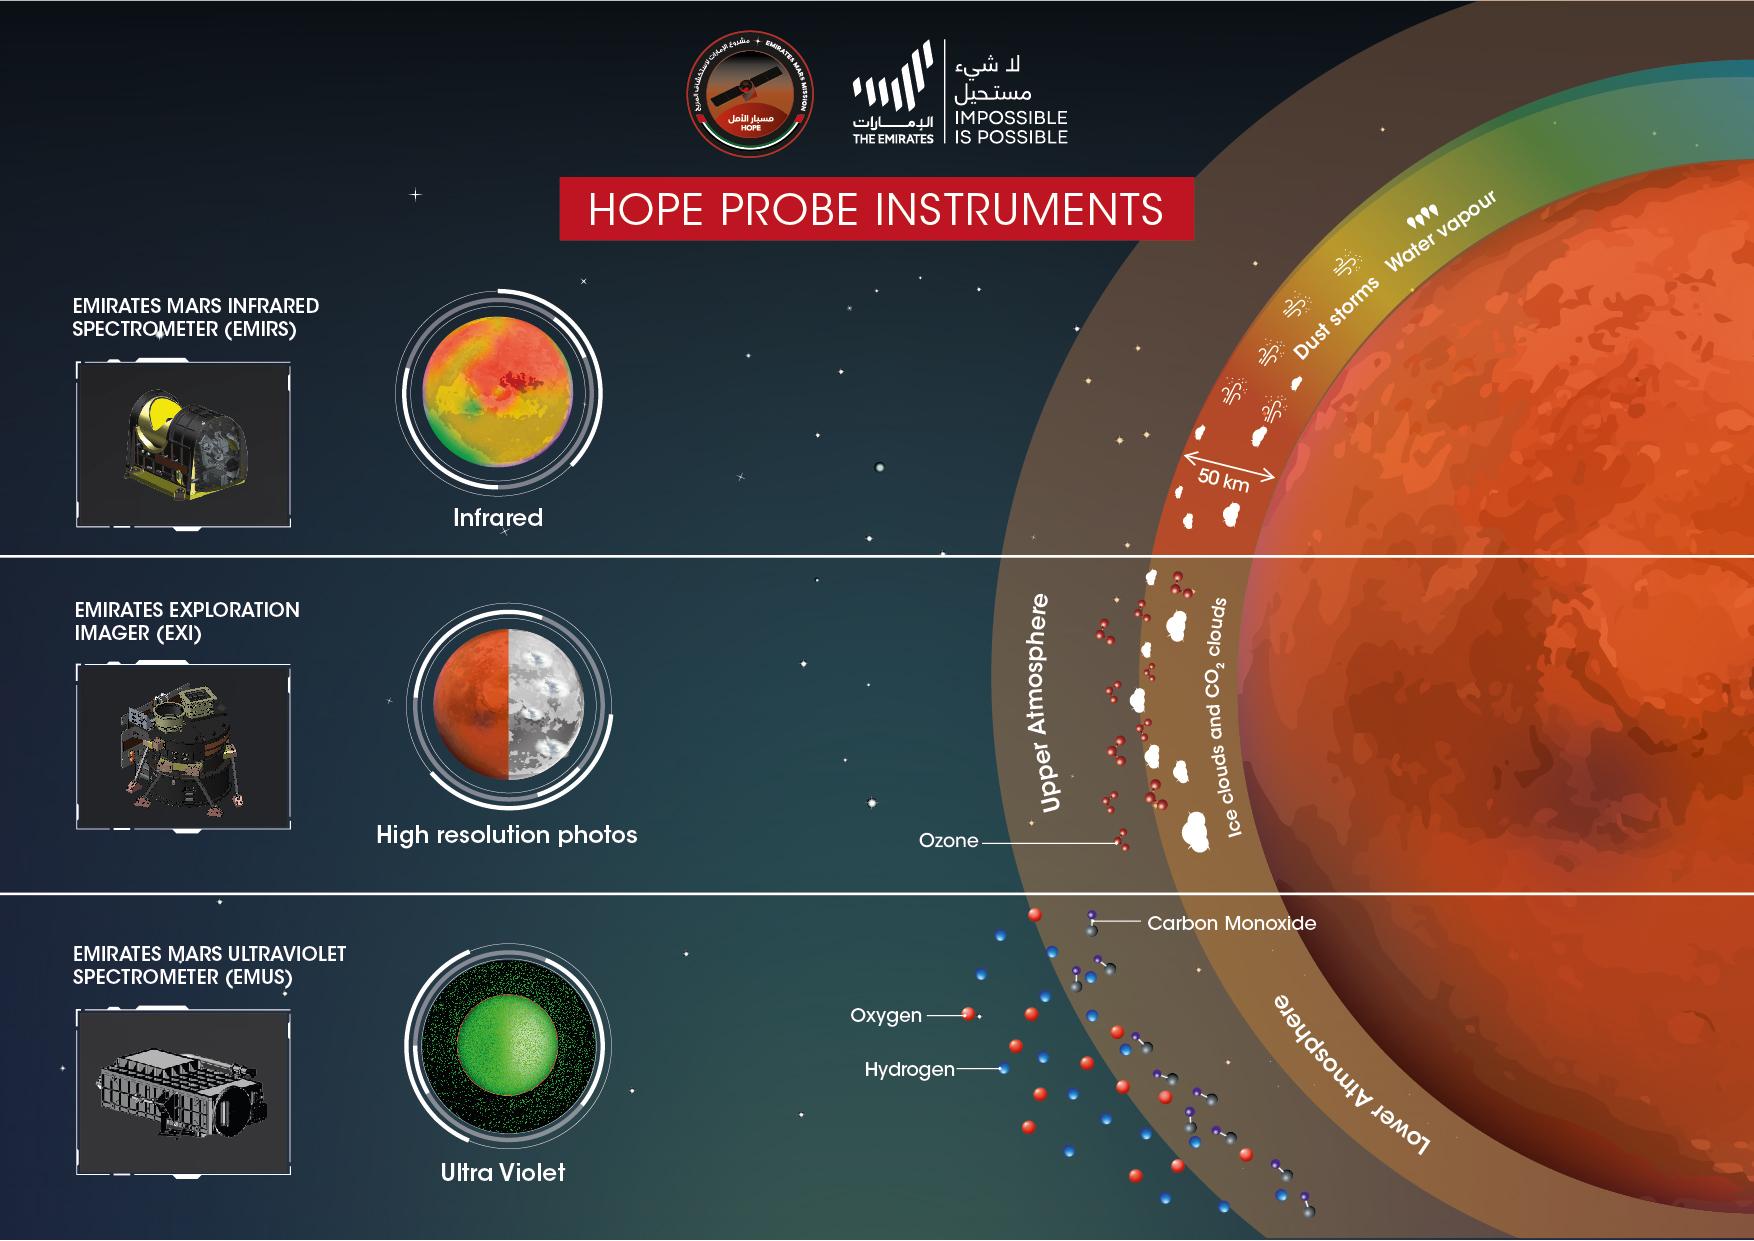 Une illustration de la sonde Hope des Emirats Arabes Unis équipée de trois instruments pour en savoir plus sur l'atmosphère de Mars.